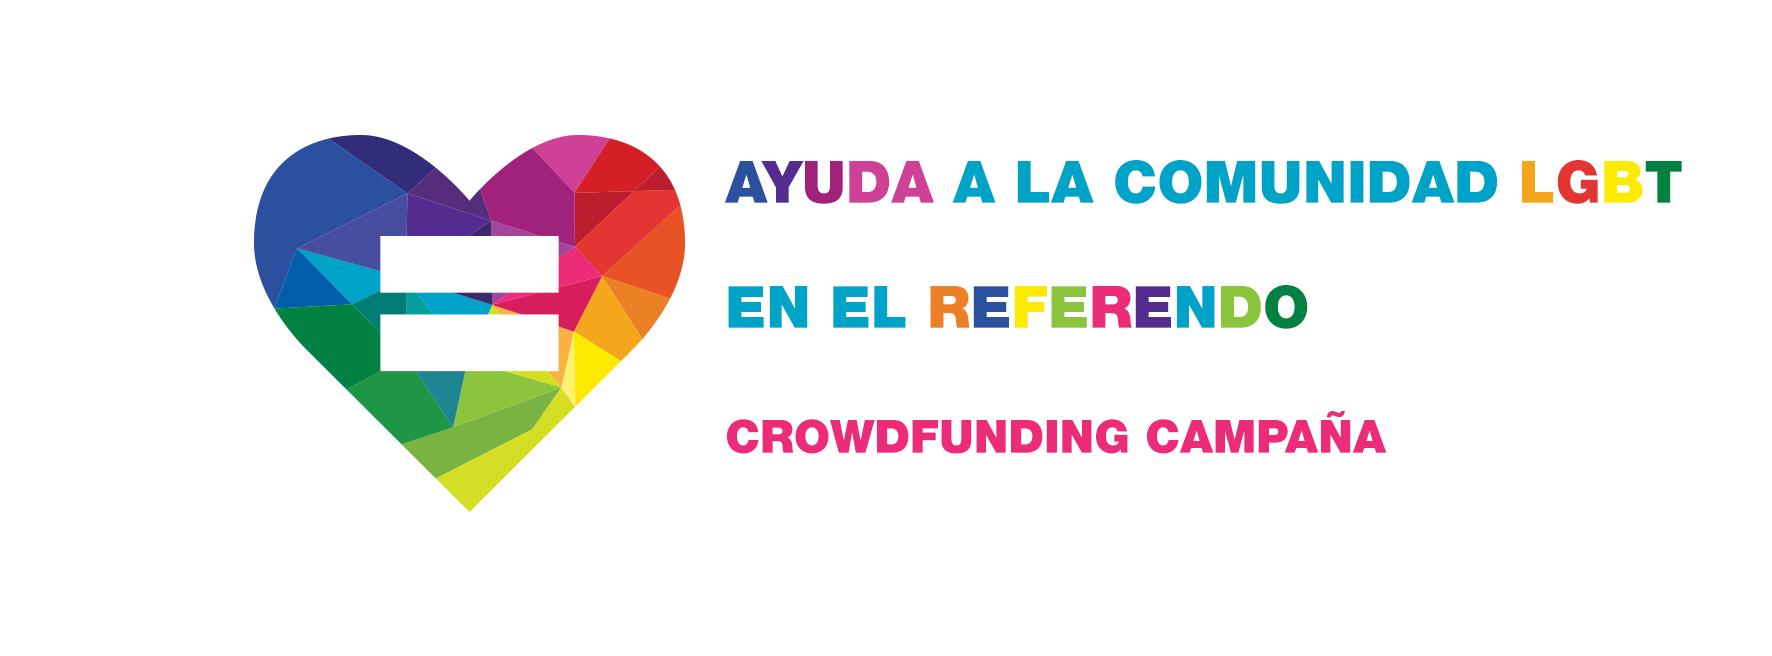 Ayuda a la comunidad LGBT de Rumanía: Campaña de Crowdfunding